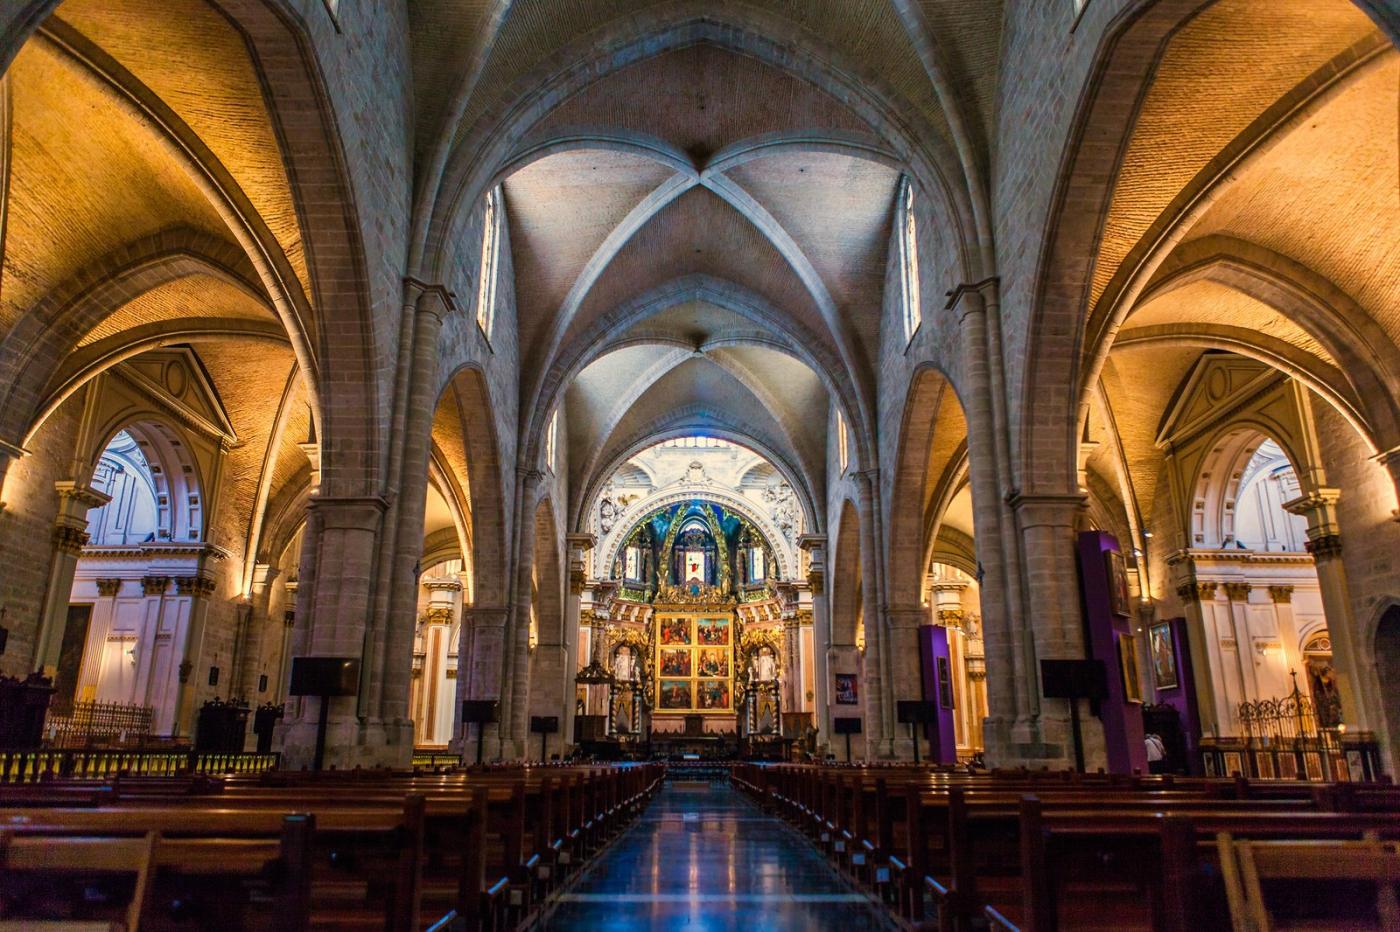 西班牙巴倫西亞主教堂,越看越喜歡_圖1-9